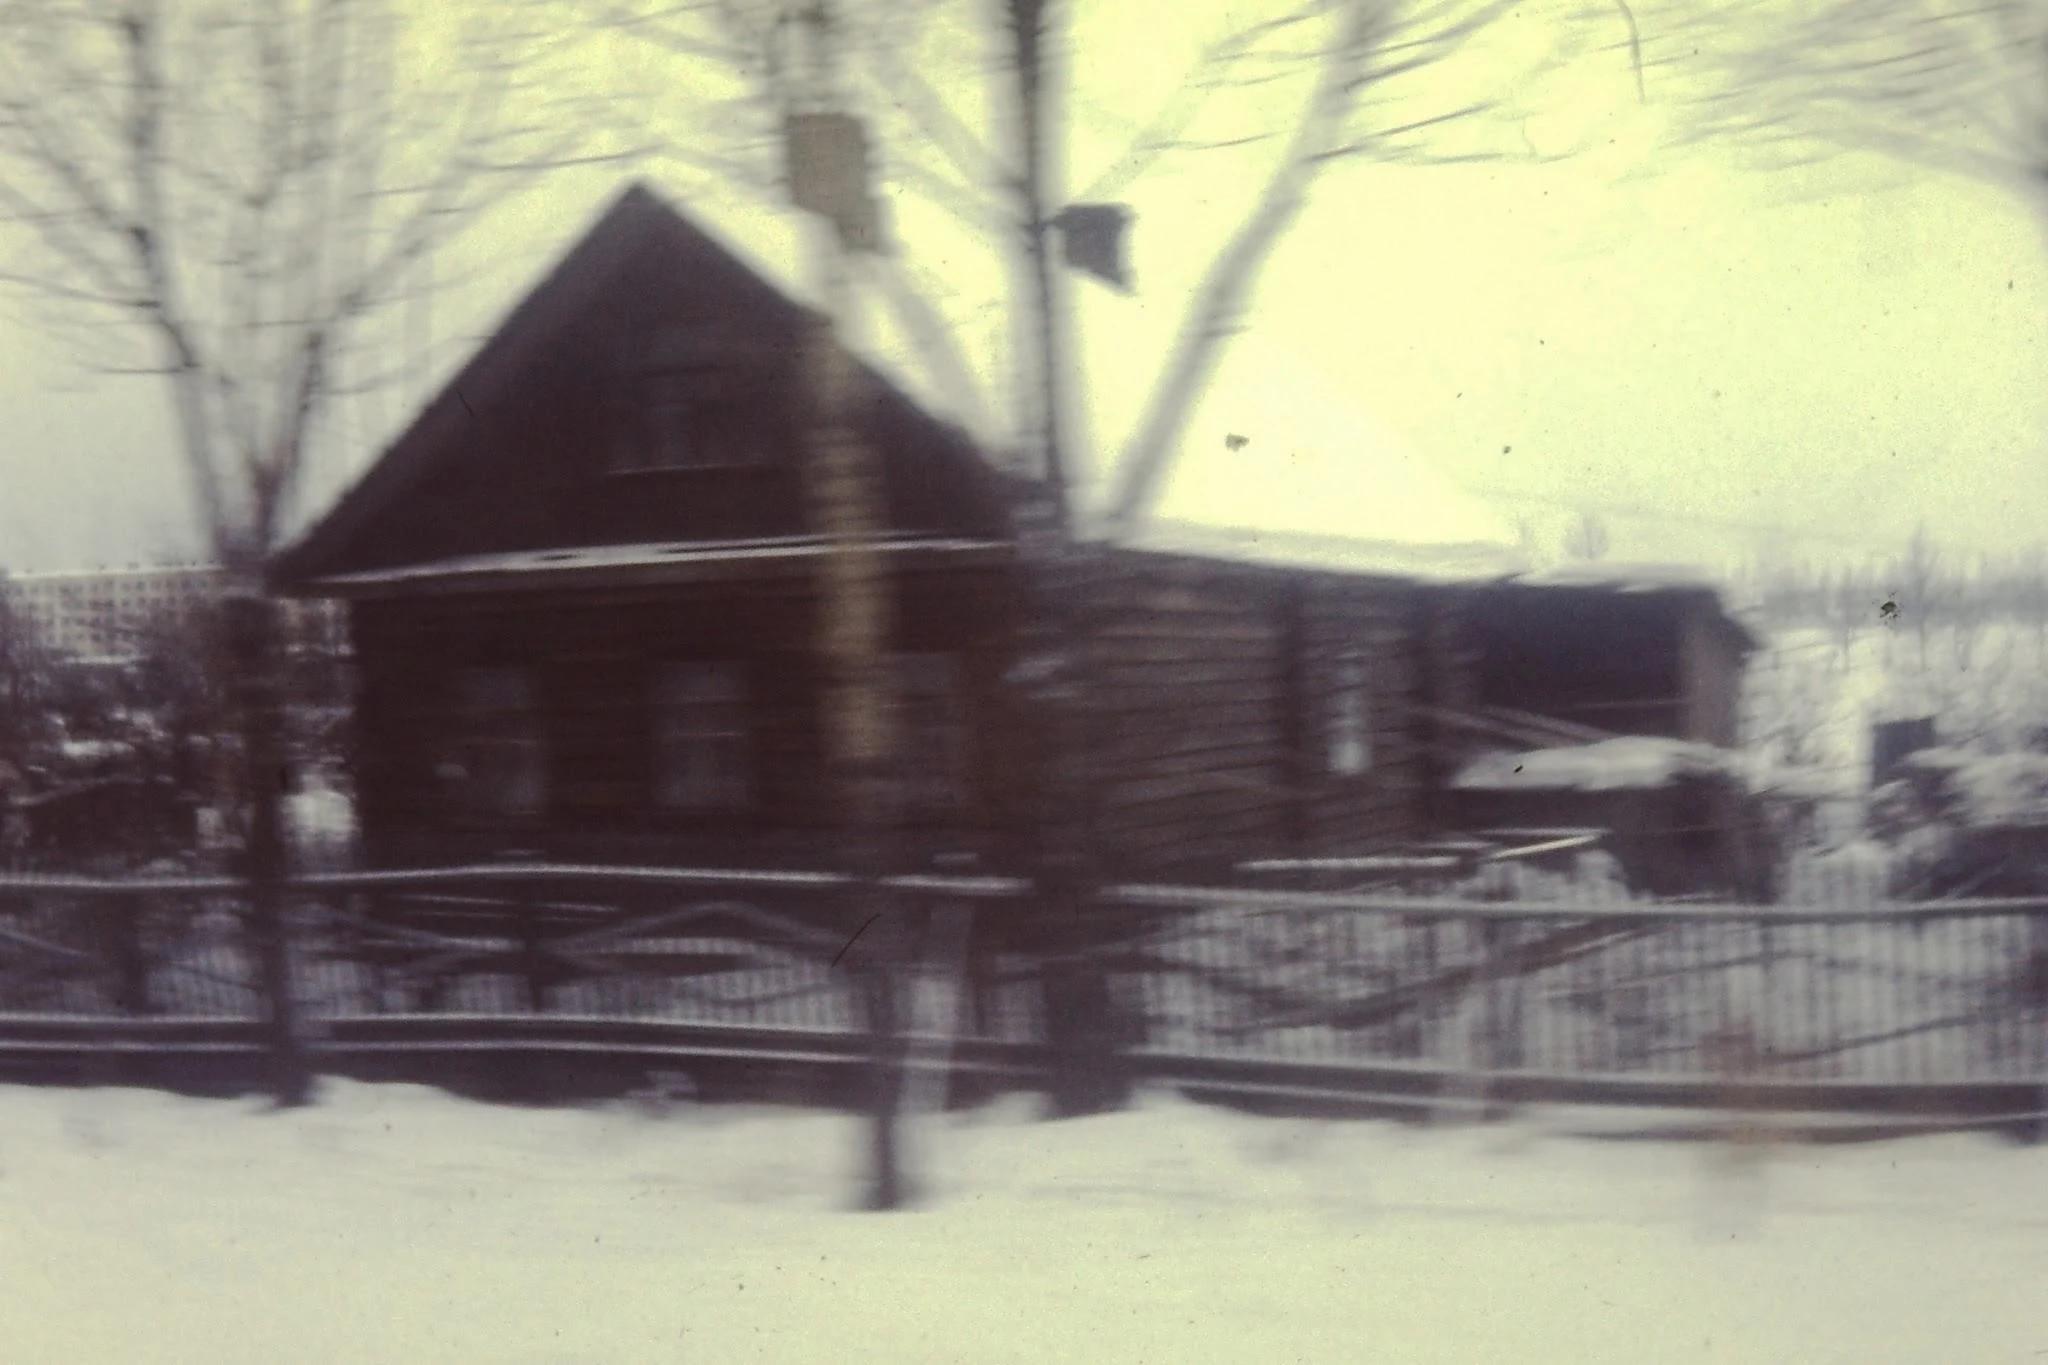 Деревянный дом на дороге между Ленинградом и Пушкино